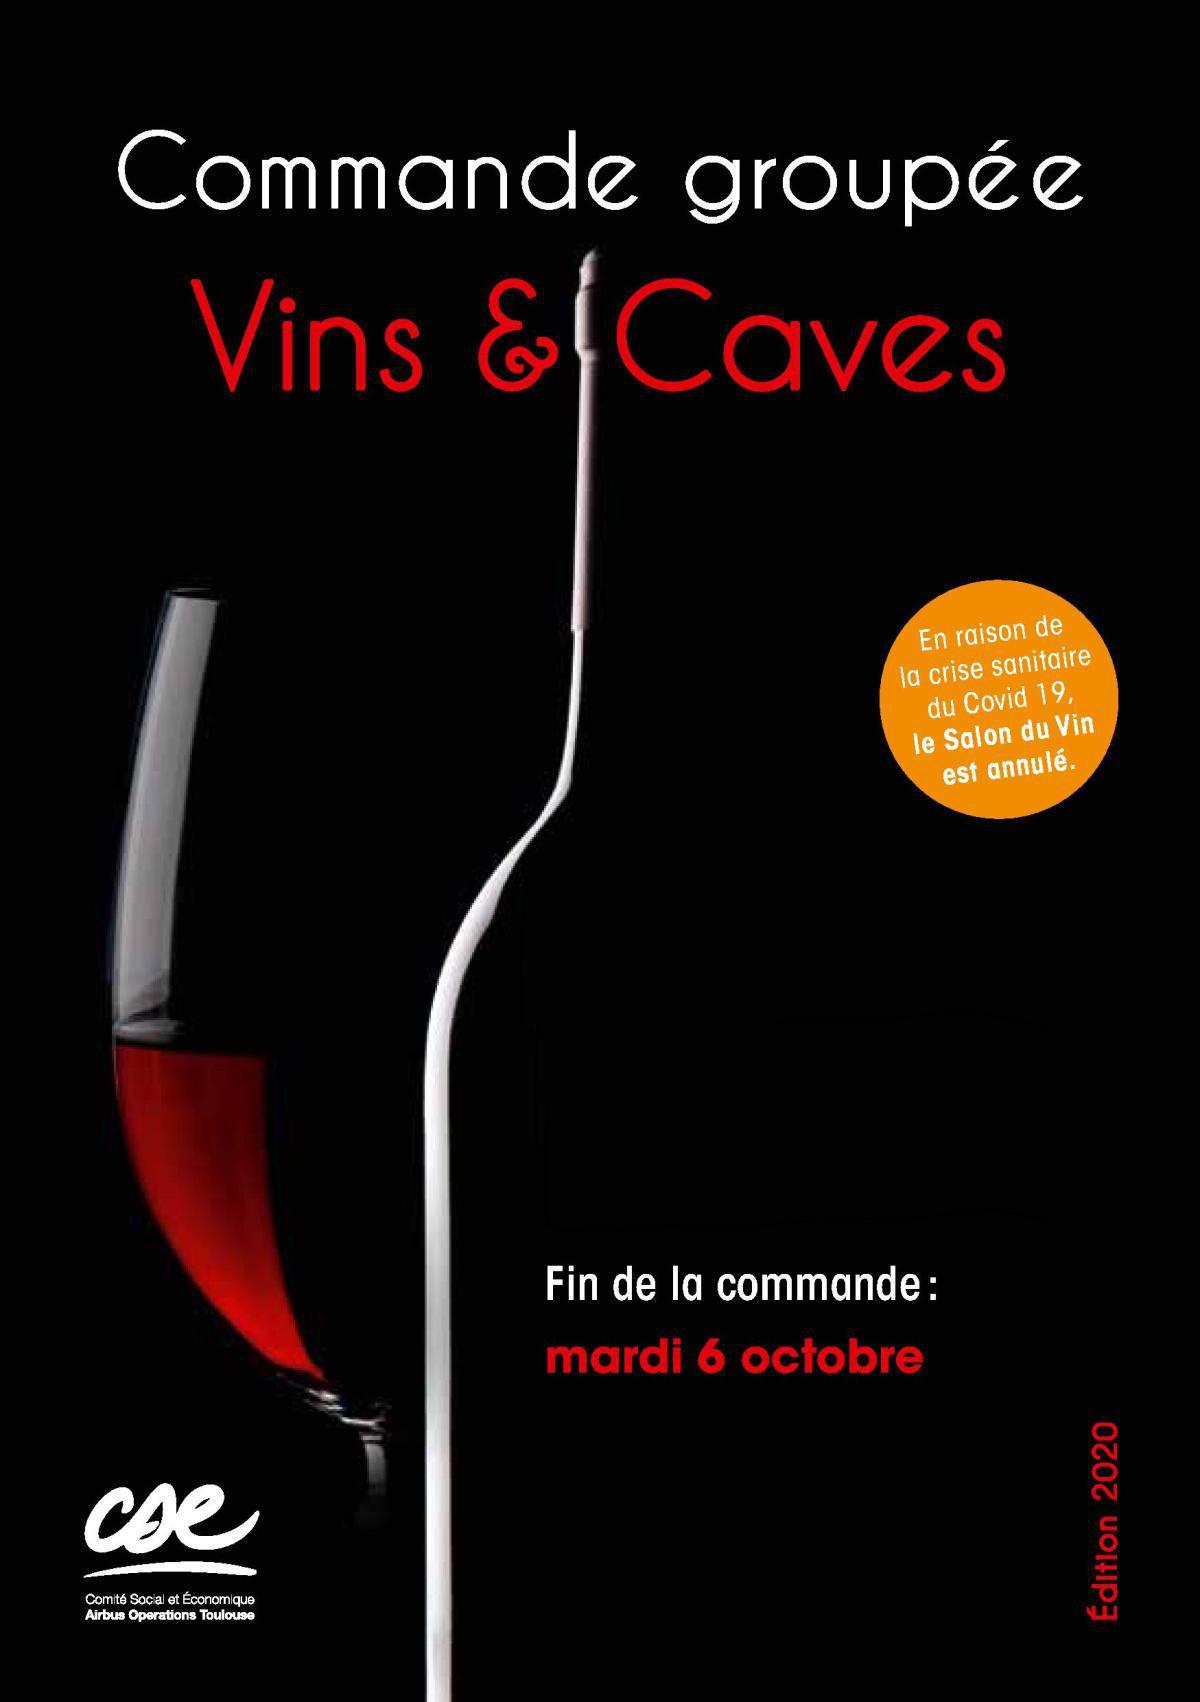 Commande groupée vins & caves de la Coopérative